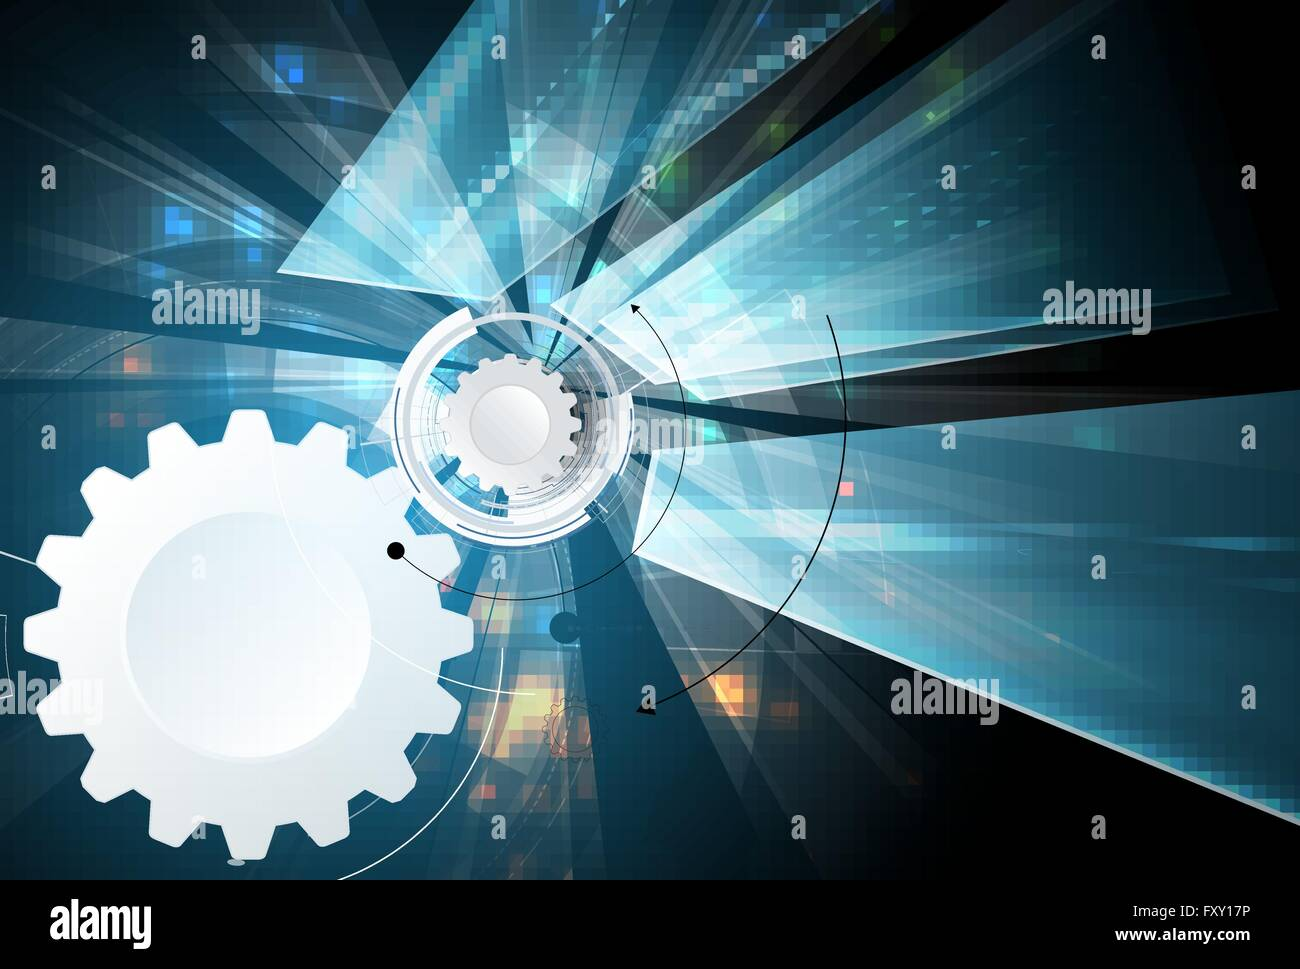 Wissenschaftliche Zukunftstechnologie. Für Business-Präsentation. Flyer, Plakat Vektor Konzept Hintergrund Stockbild